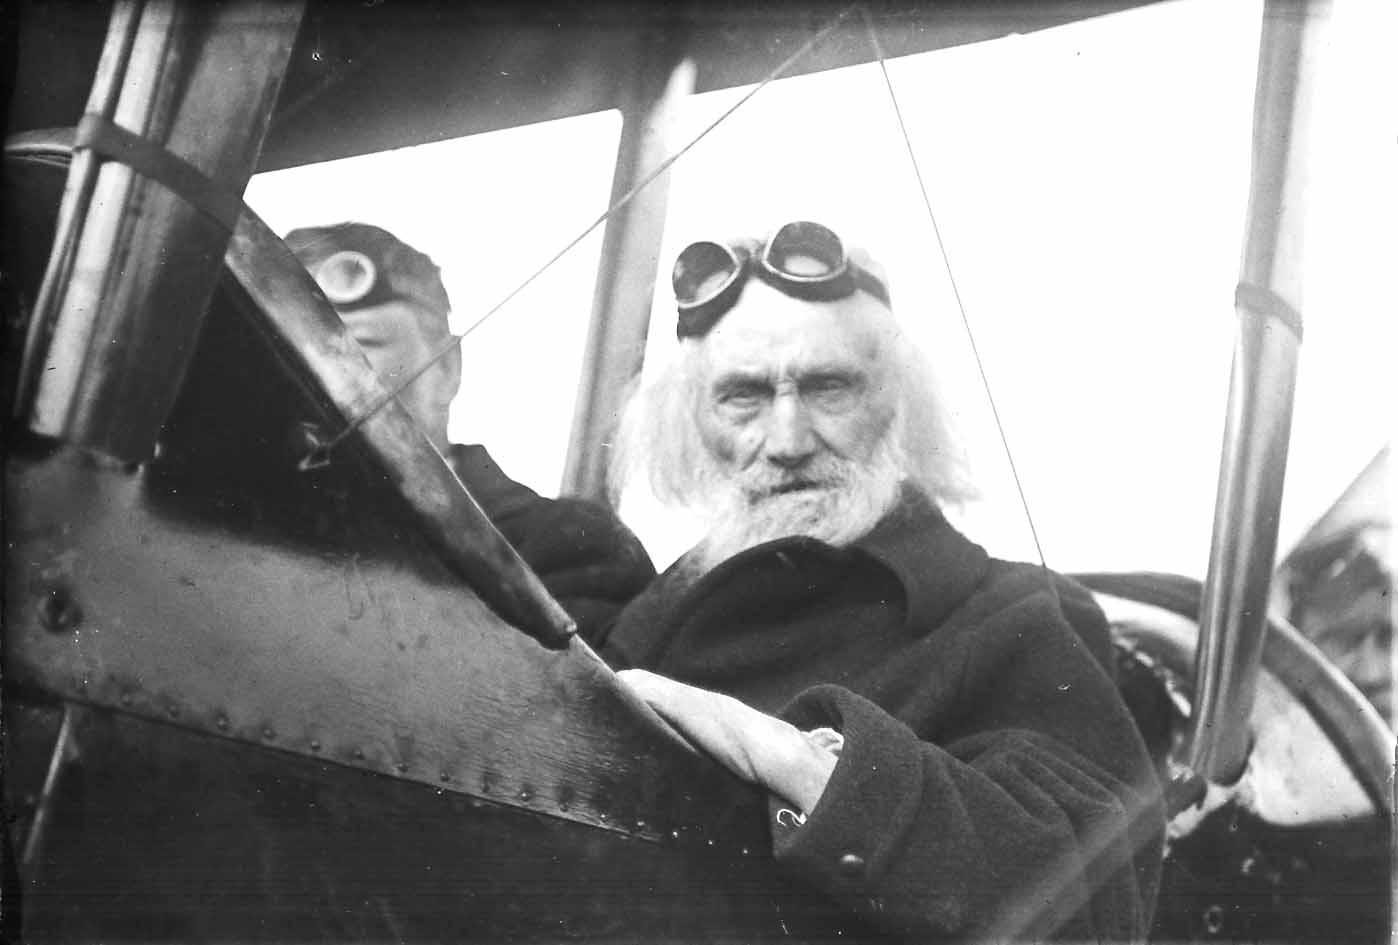 [Ezra Meeker with Pilot Oakley G. Kelley]